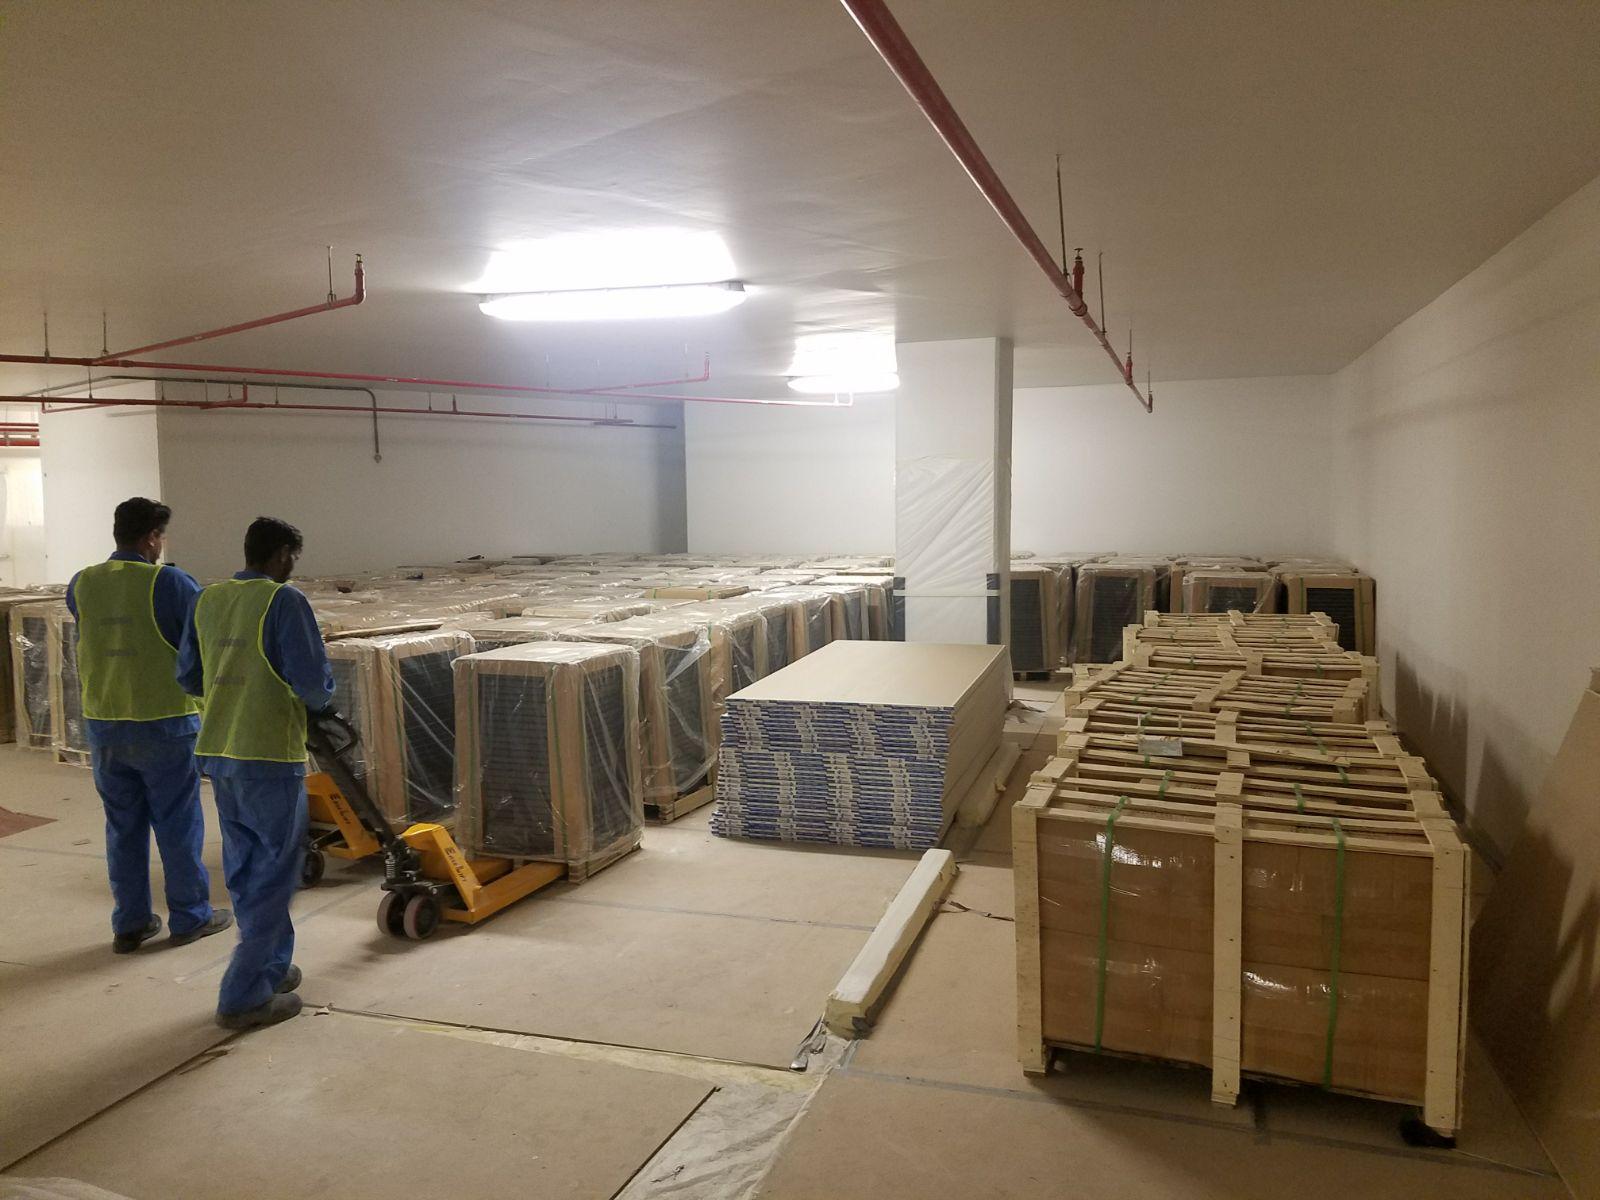 Marriott Office Dubai Devar Raised Access Floor Installation 1